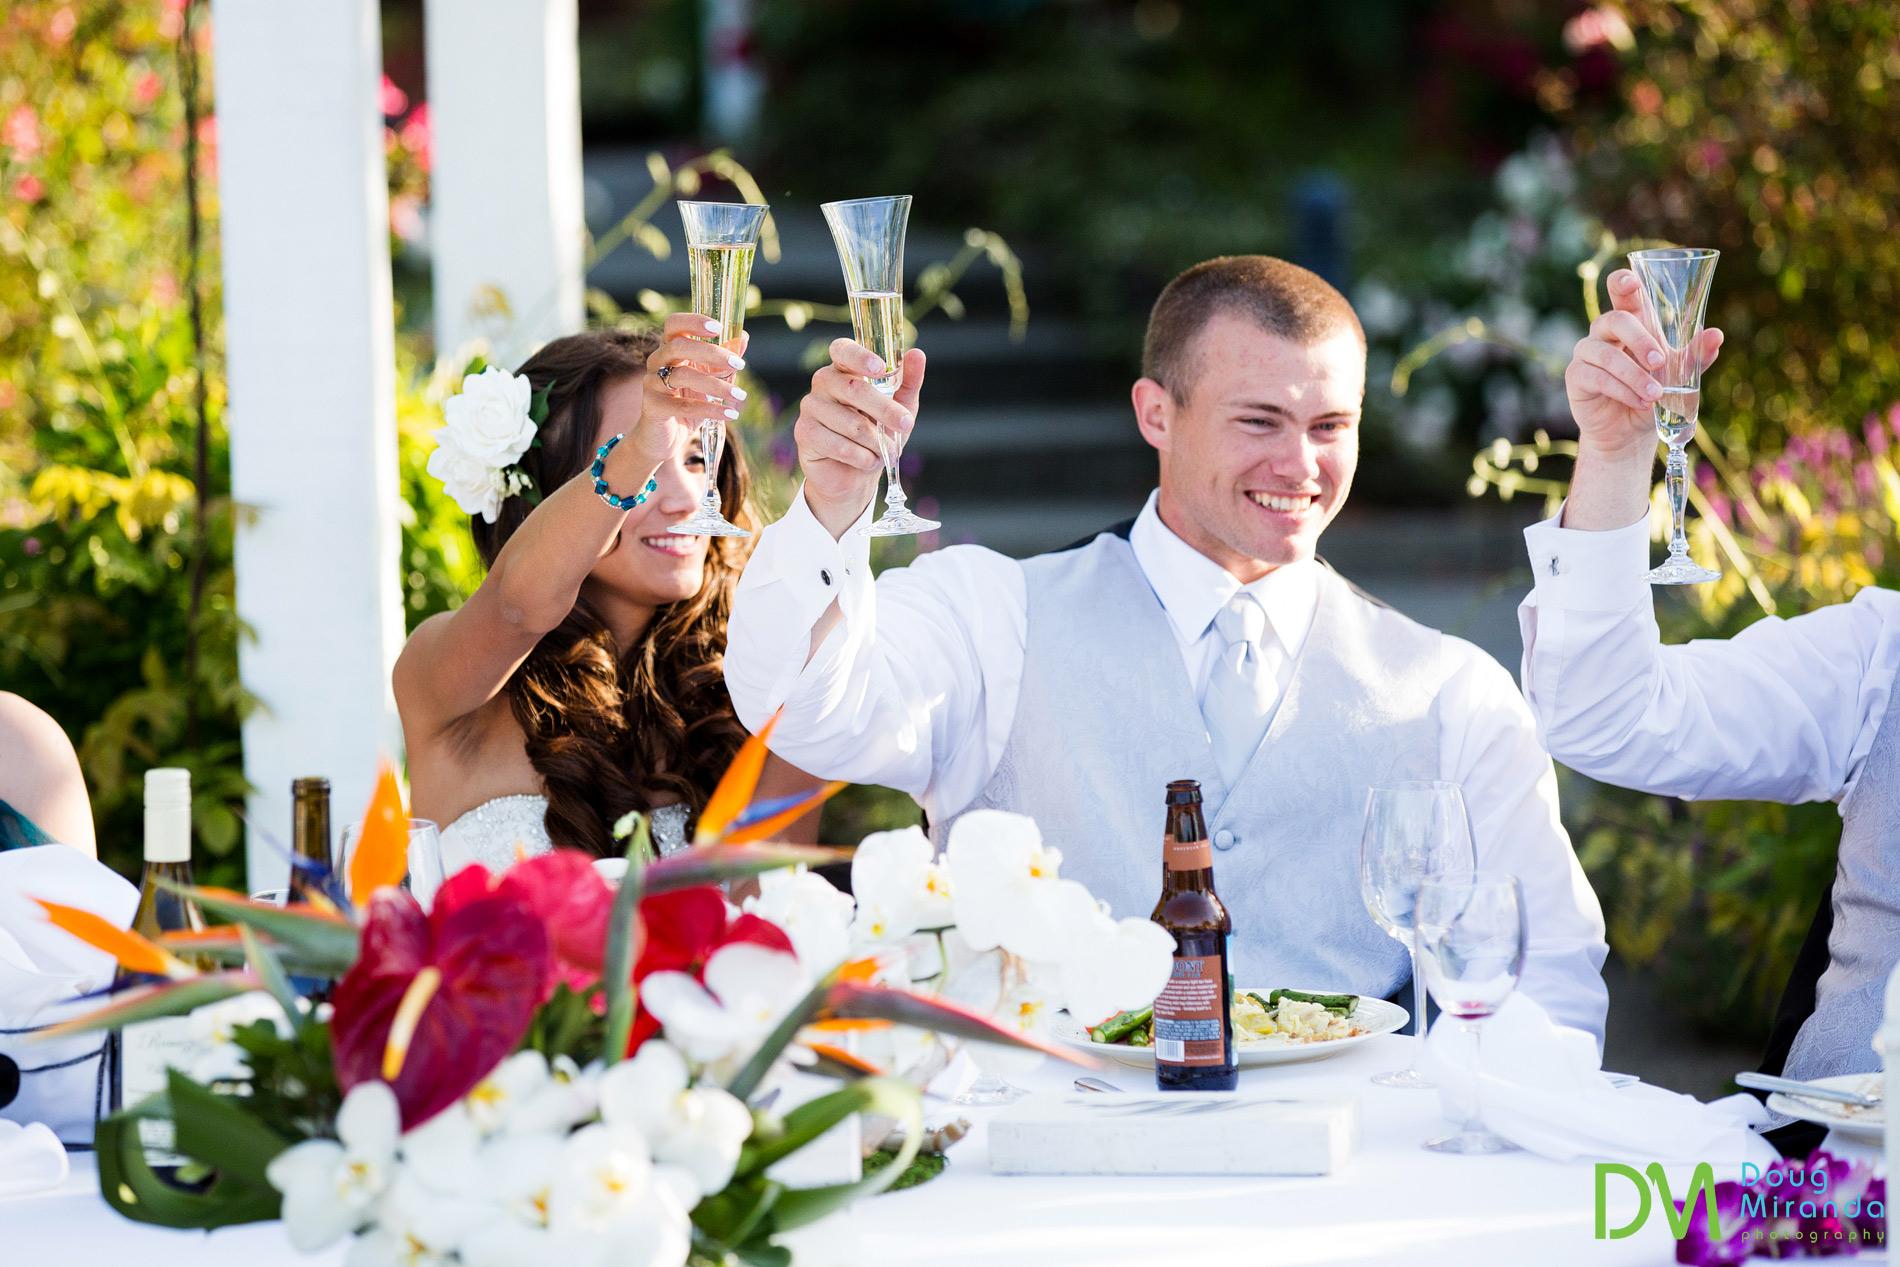 geyserville inn wedding reception photos